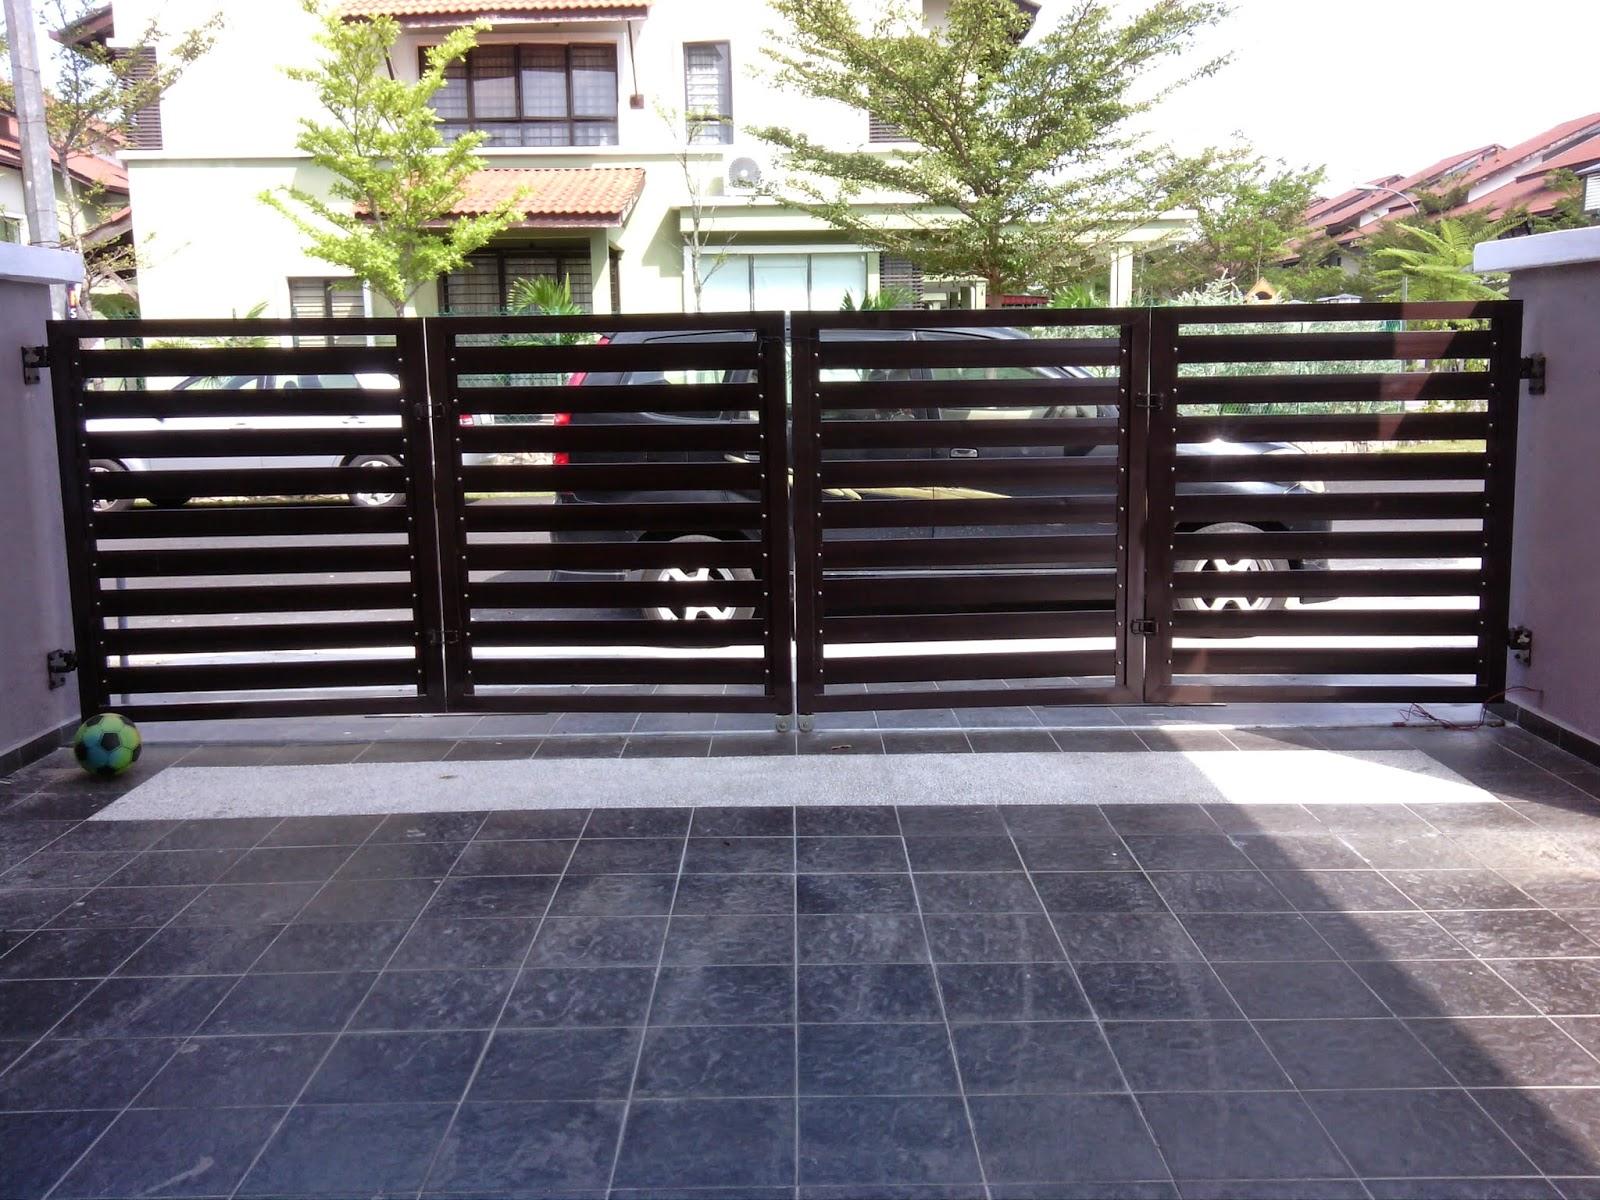 Kali Ini Saya Paparkan Projek Menasang Pintu Gate Alumunium Dan Set Grill Rumah Di Kediaman Puan Zaiton Memilih Frame Besi Biasa